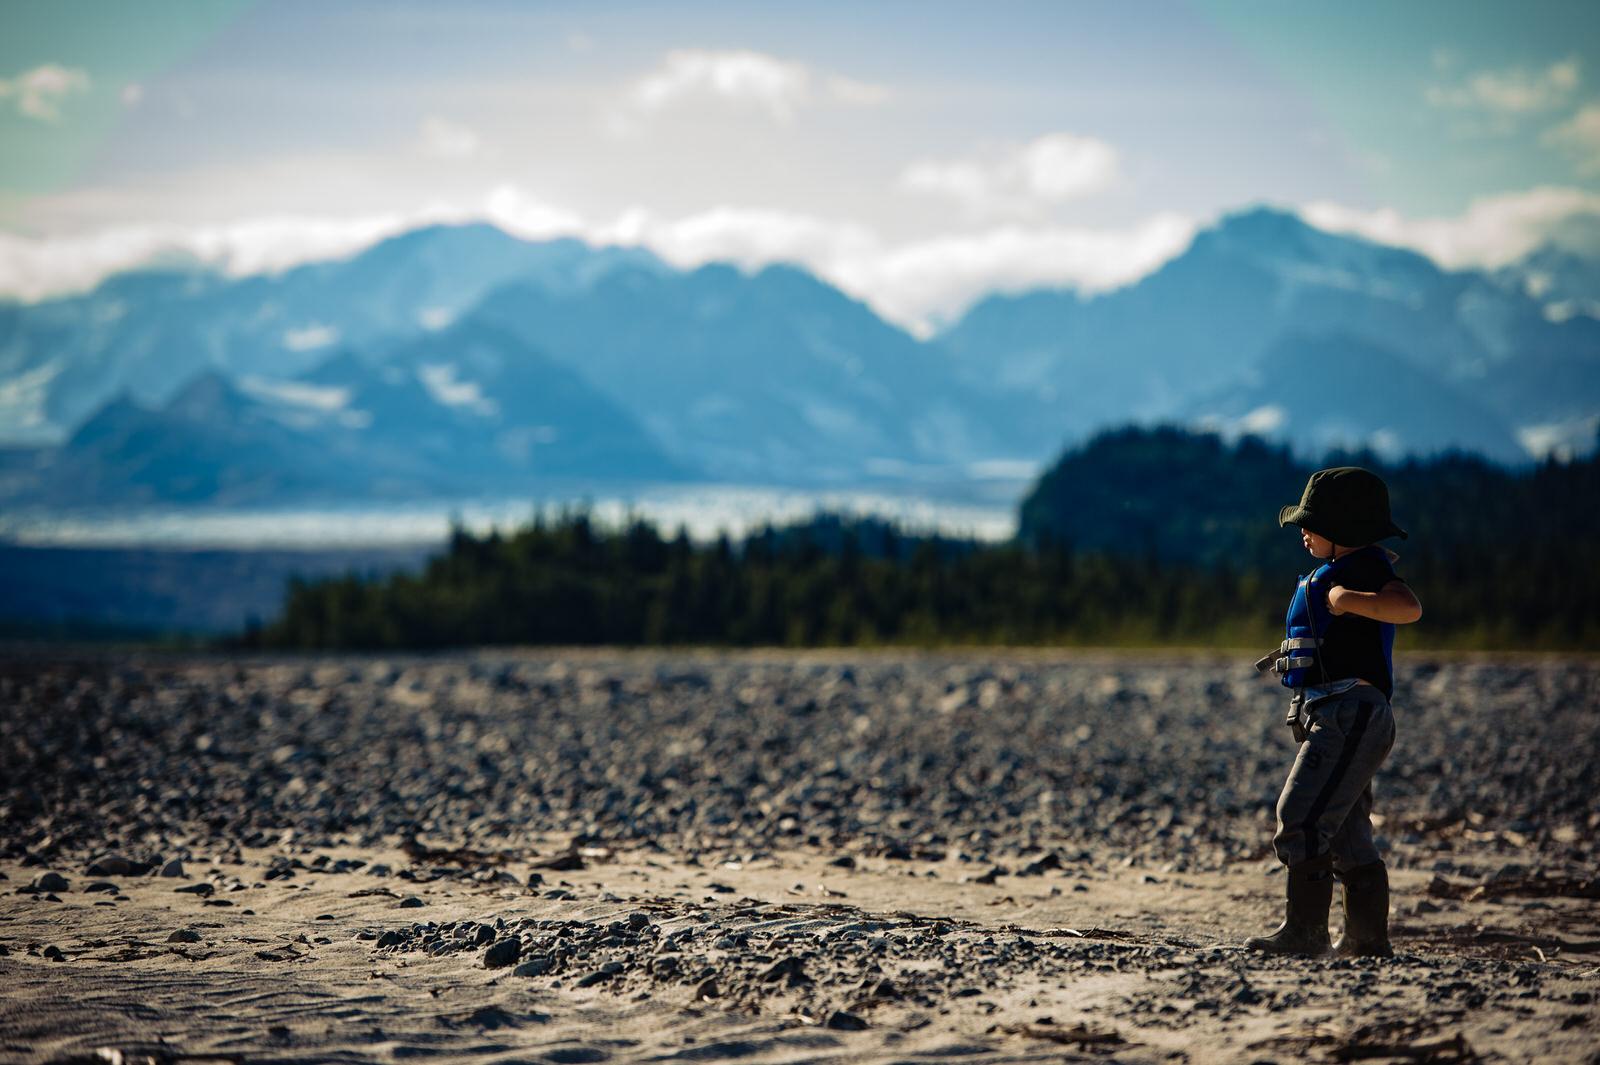 Beluga_lake_alaska_fly_out_fishing_trip (8).jpg